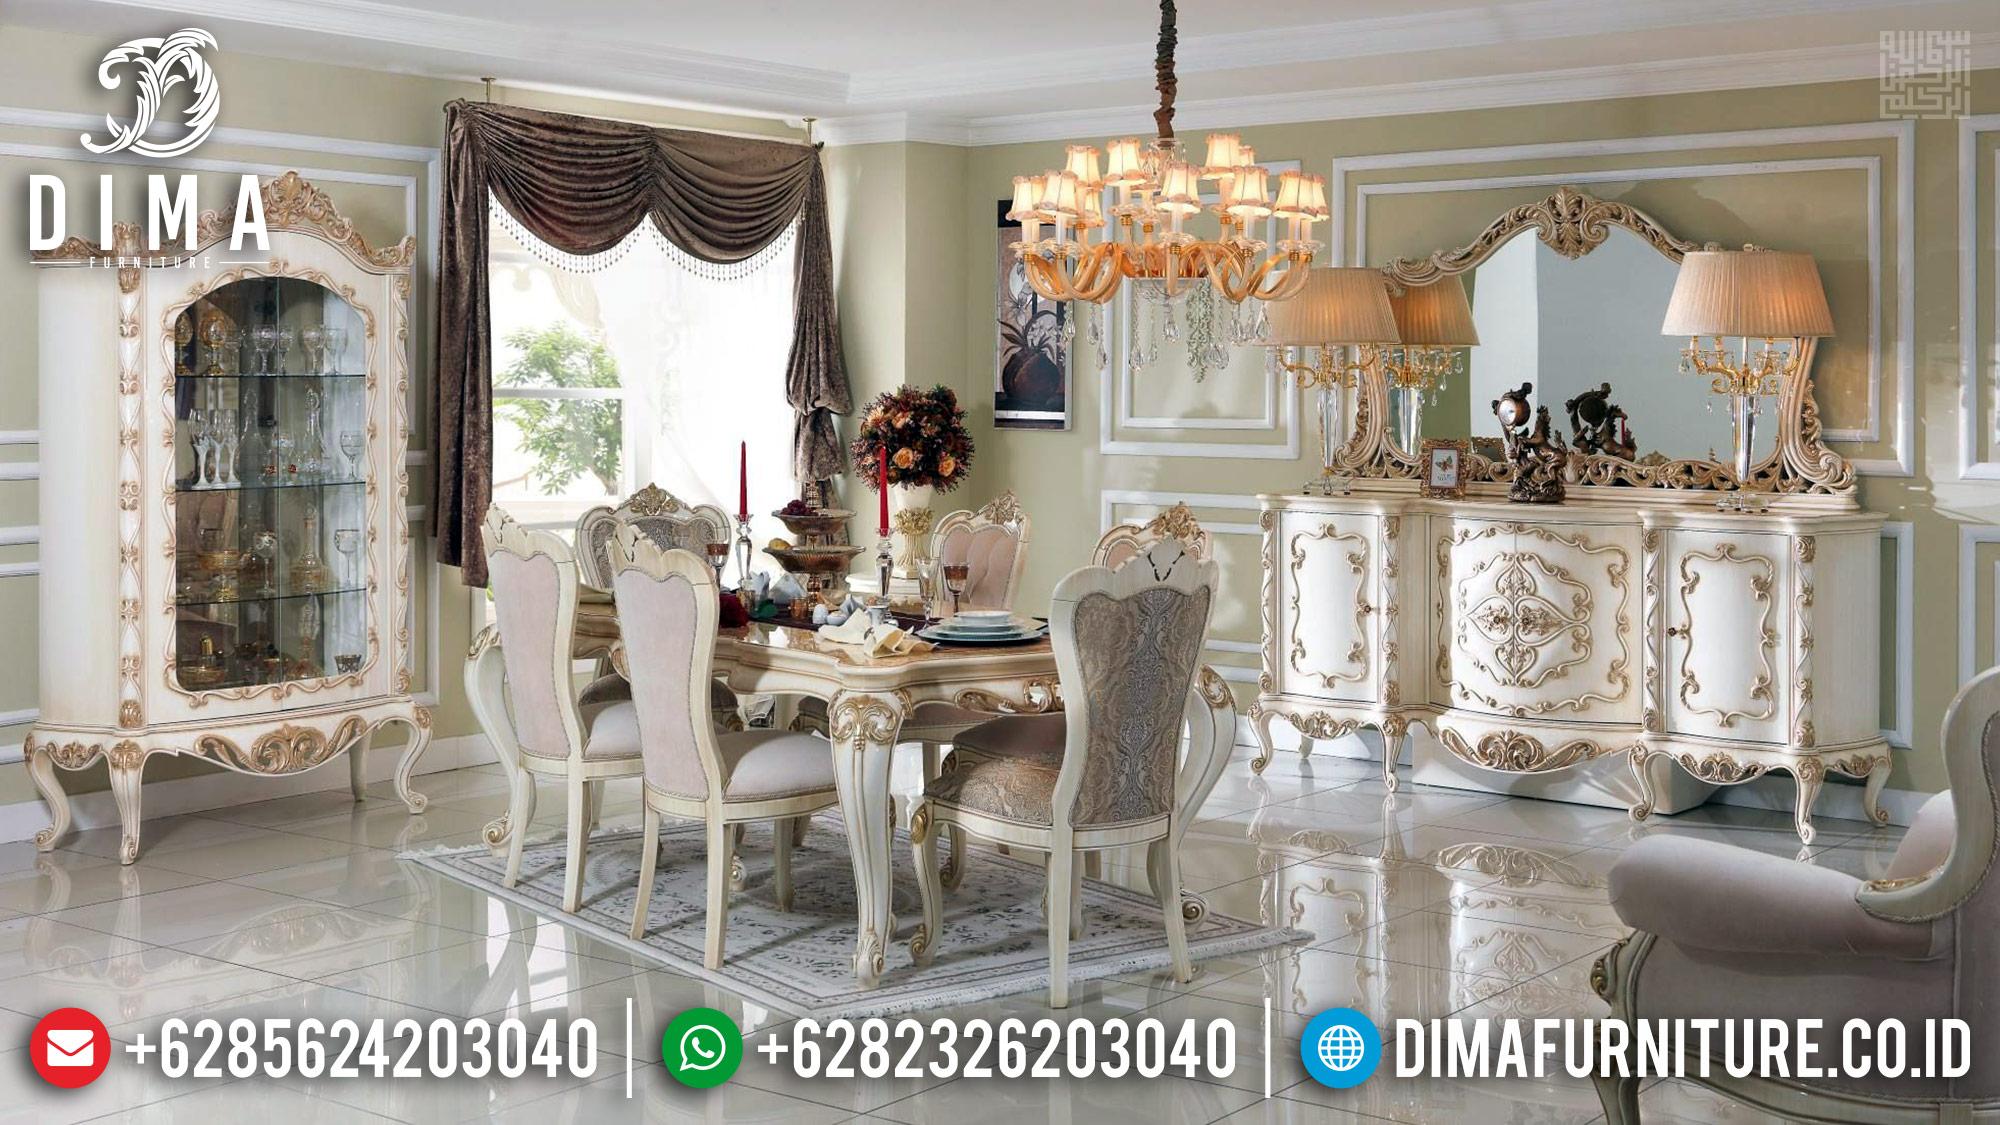 Set Meja Makan Ukiran Jepara Luxury Carving Desain Mewah Gaya Kerajaan MM-0735